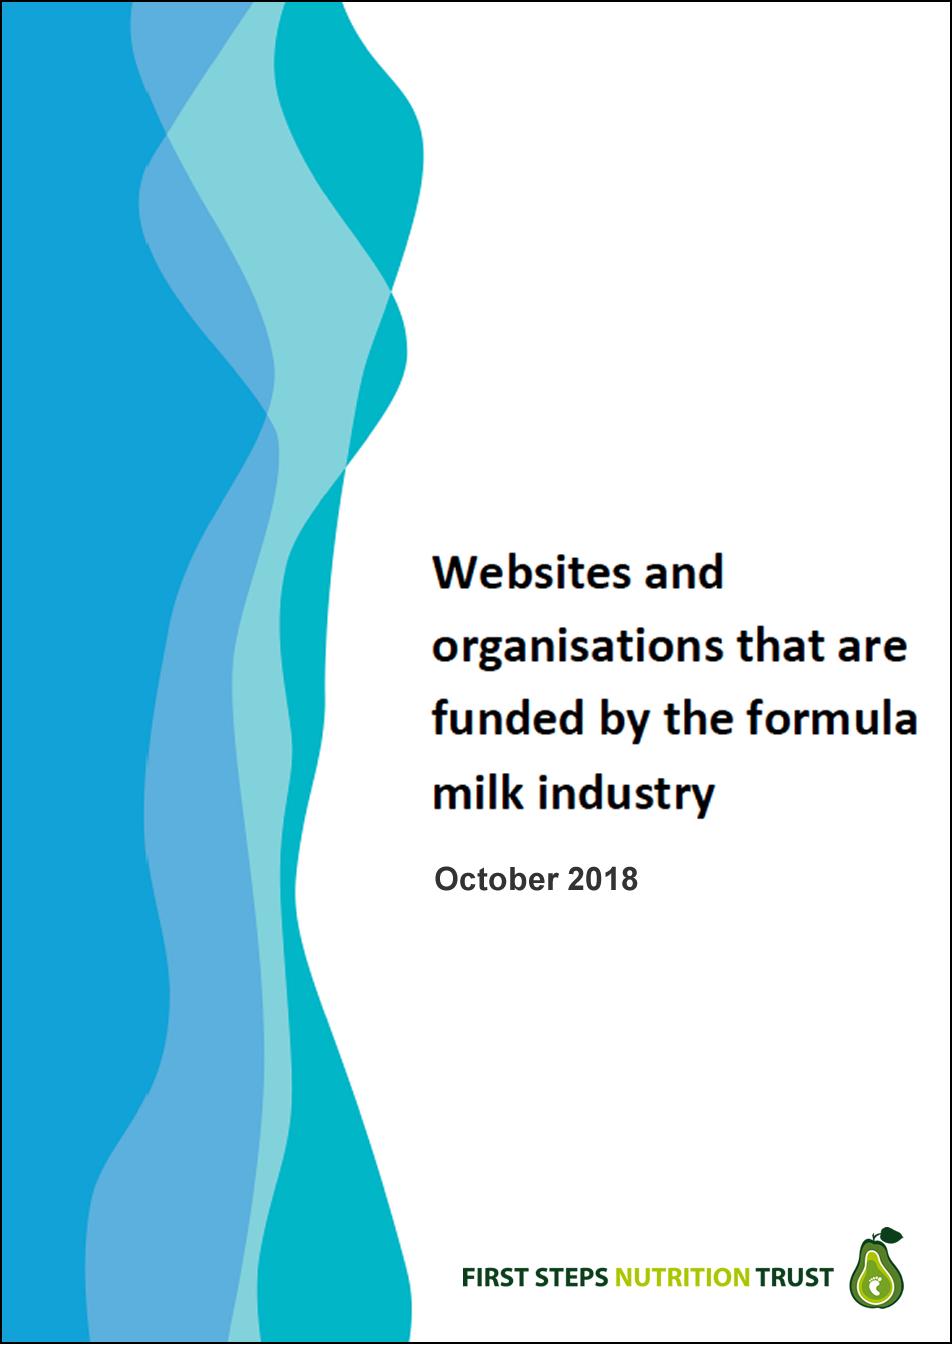 Websites_orgs_milk_industry_funded.jpg